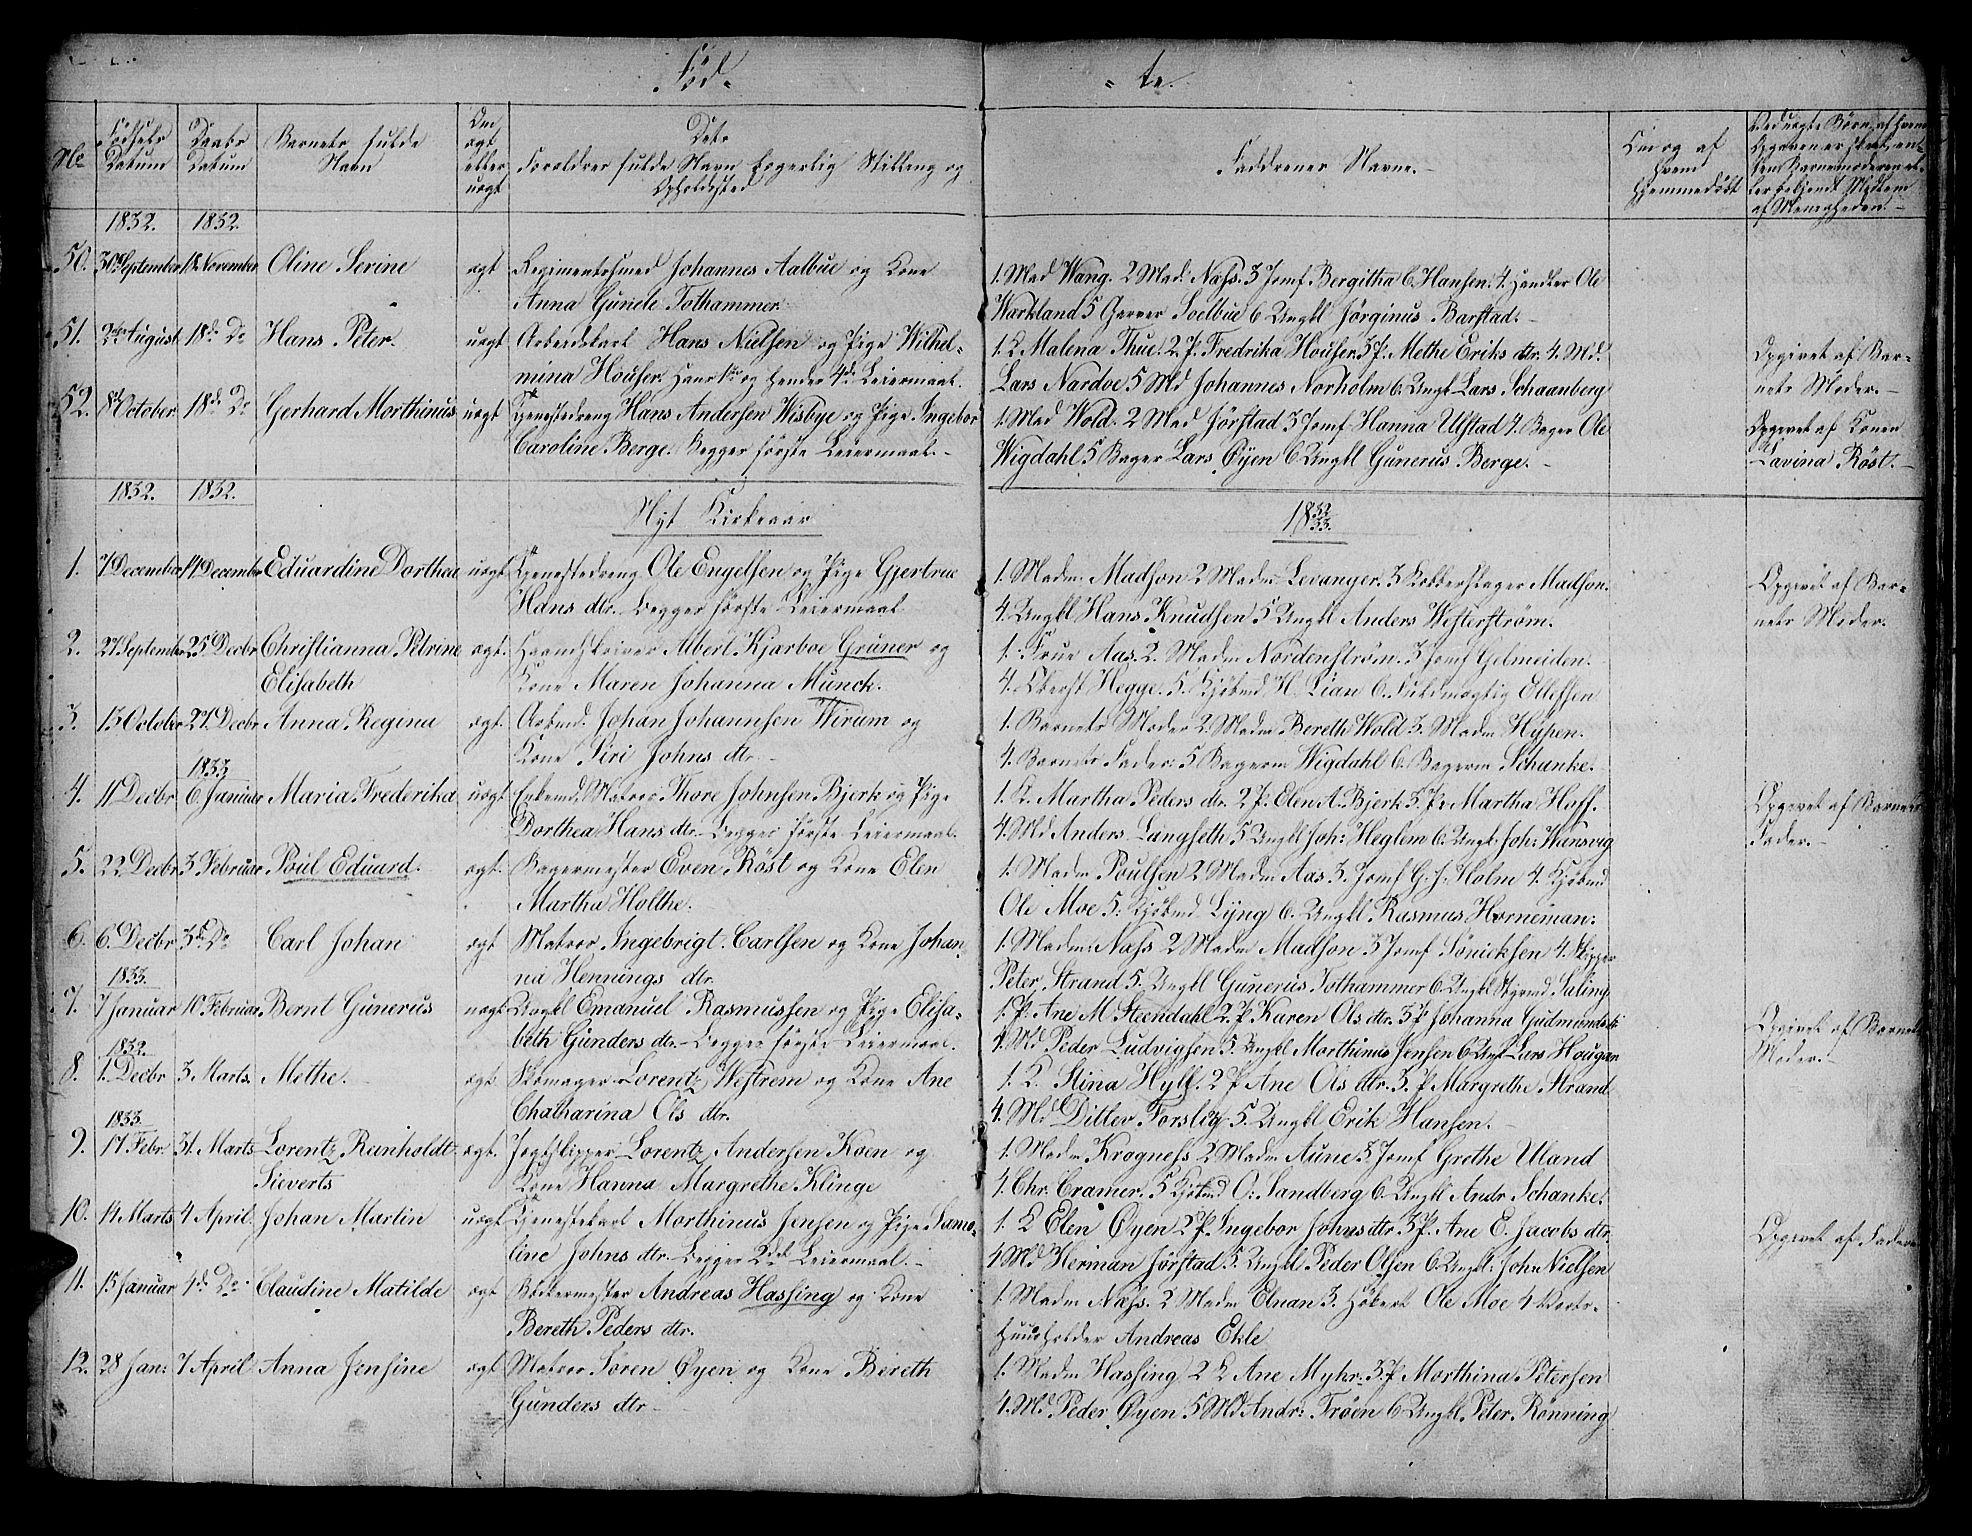 SAT, Ministerialprotokoller, klokkerbøker og fødselsregistre - Sør-Trøndelag, 604/L0182: Ministerialbok nr. 604A03, 1818-1850, s. 5